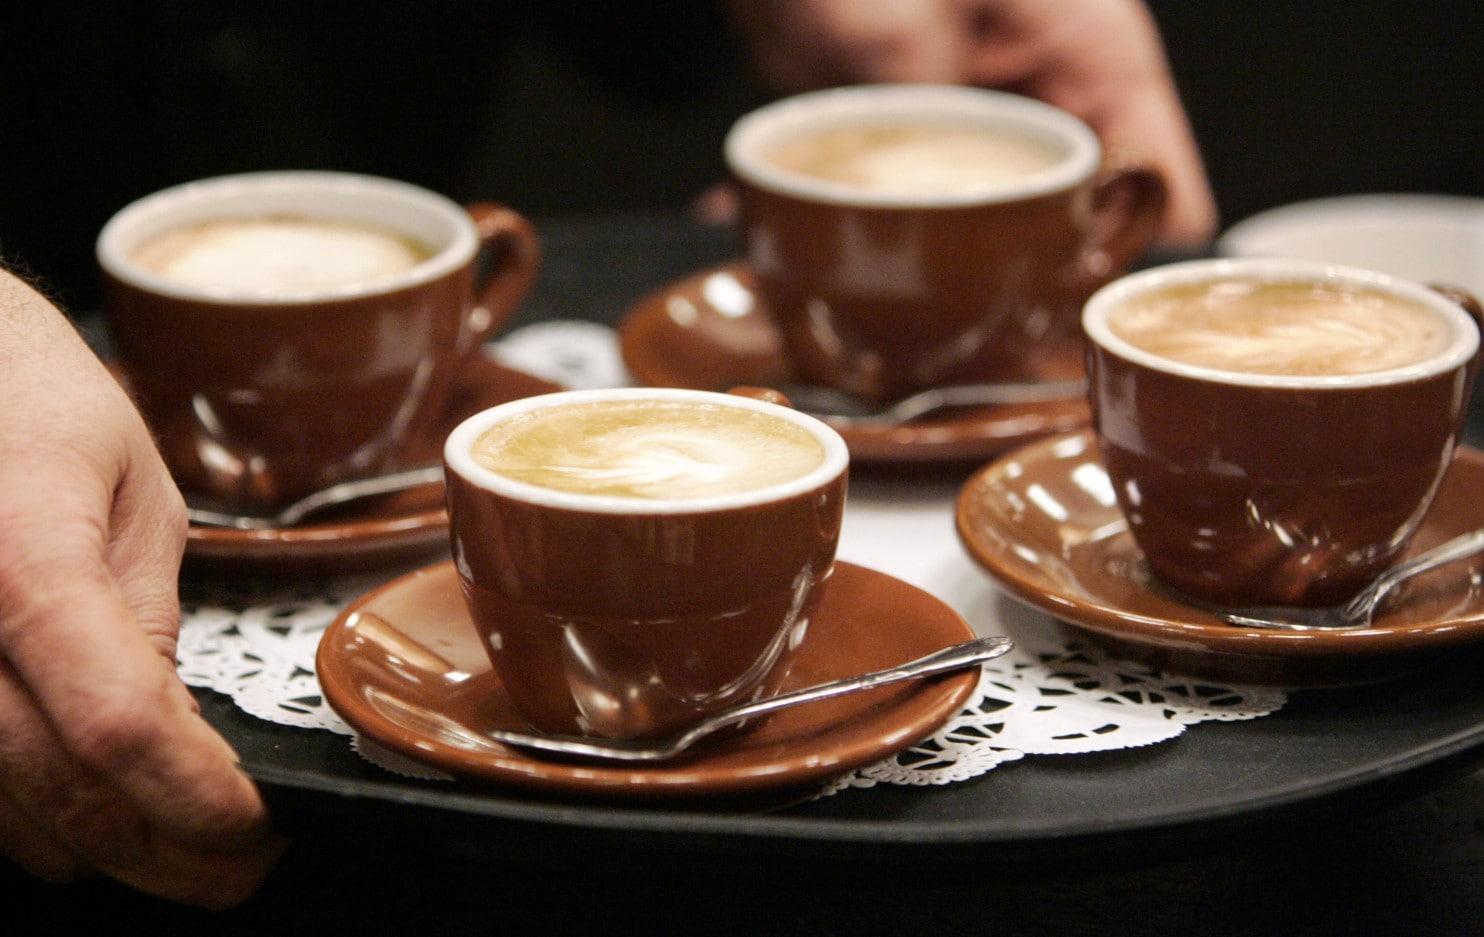 بالصور صور عن القهوة , اجمل الصور لاجمل فنجان قهوه 4978 4